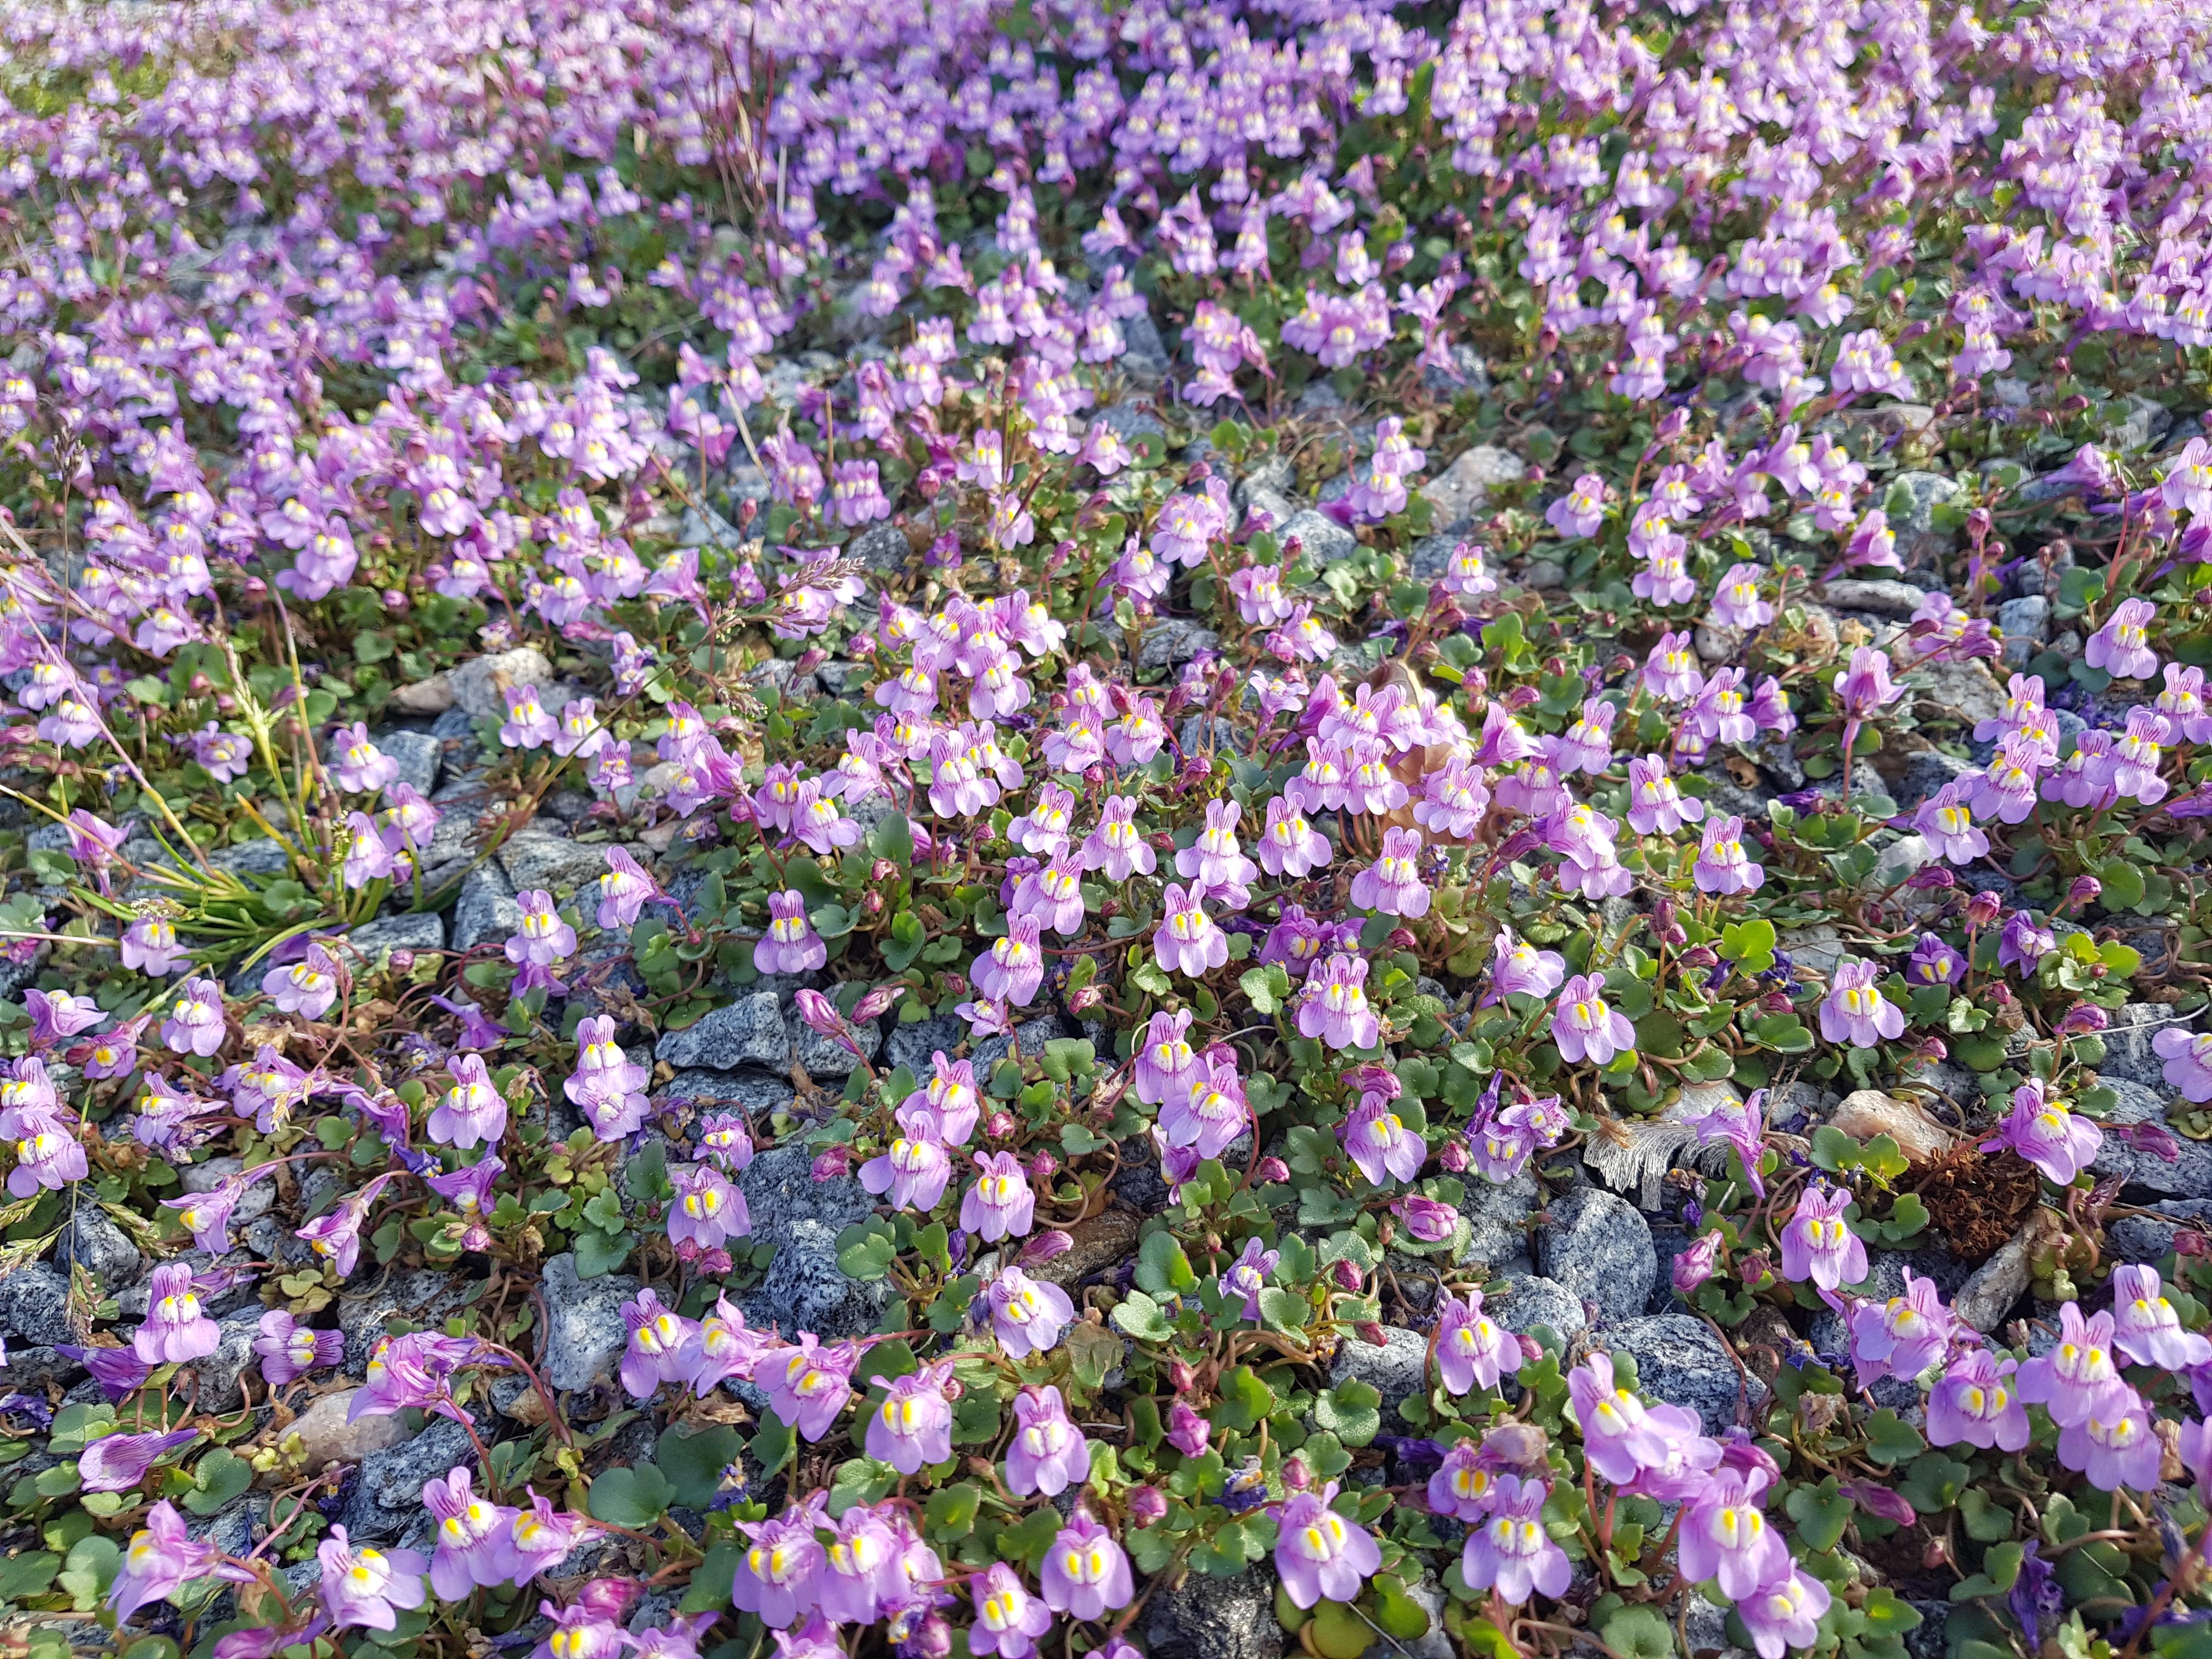 blomster2020.jpg